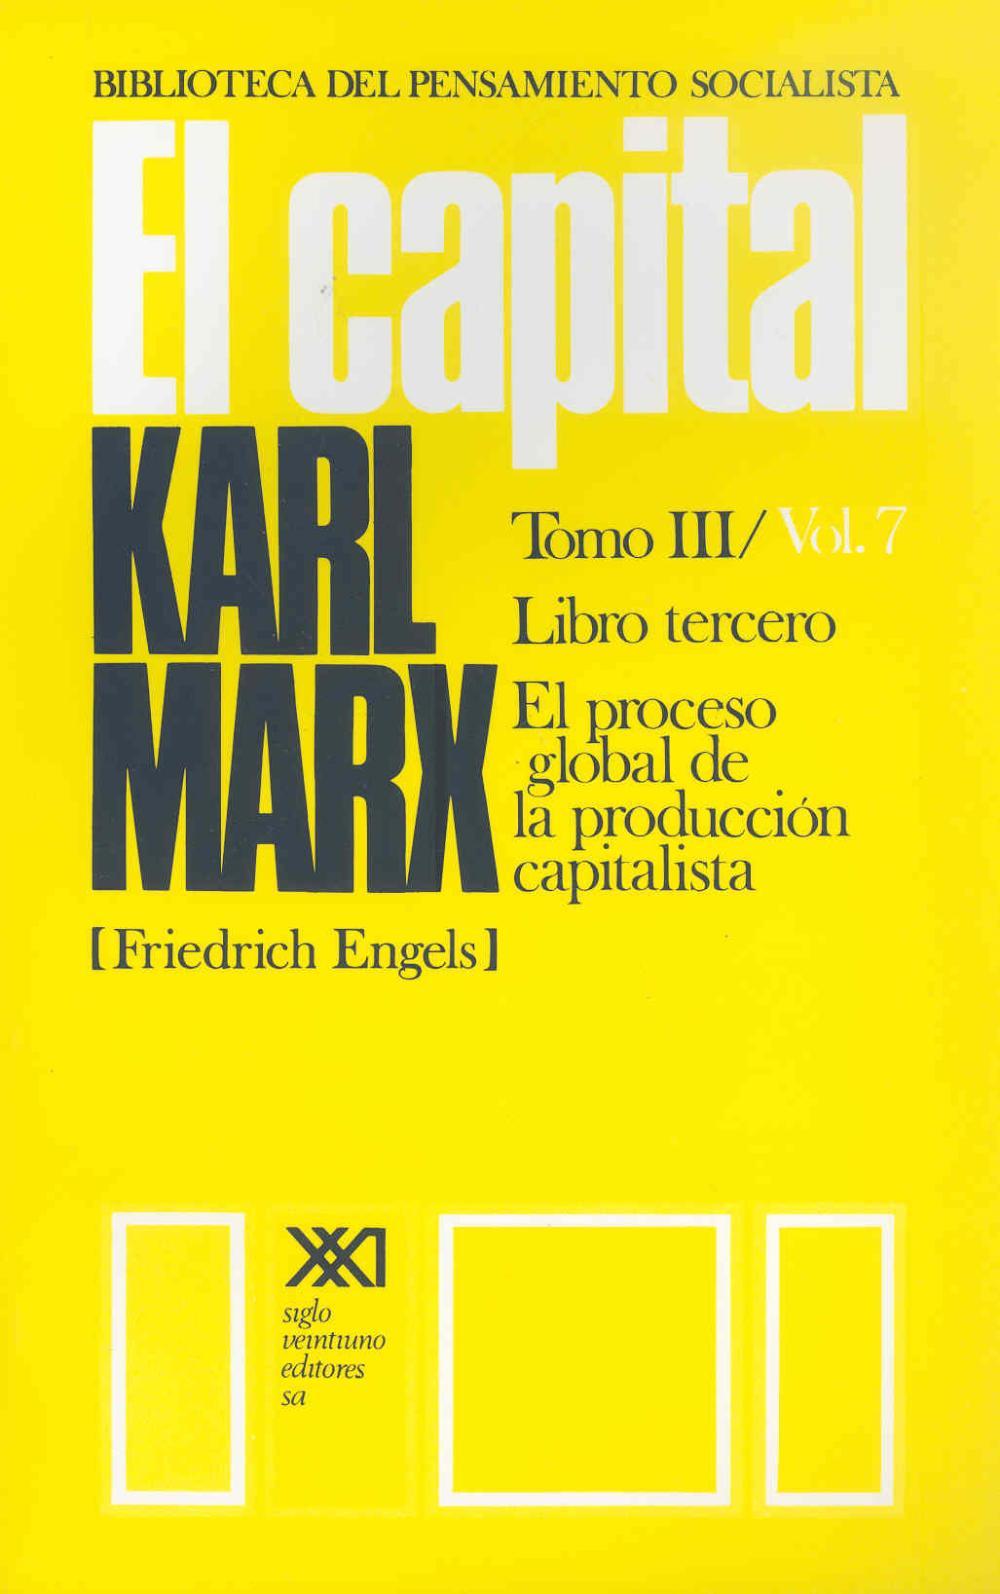 El Capital. Tomo III/Vol. 7